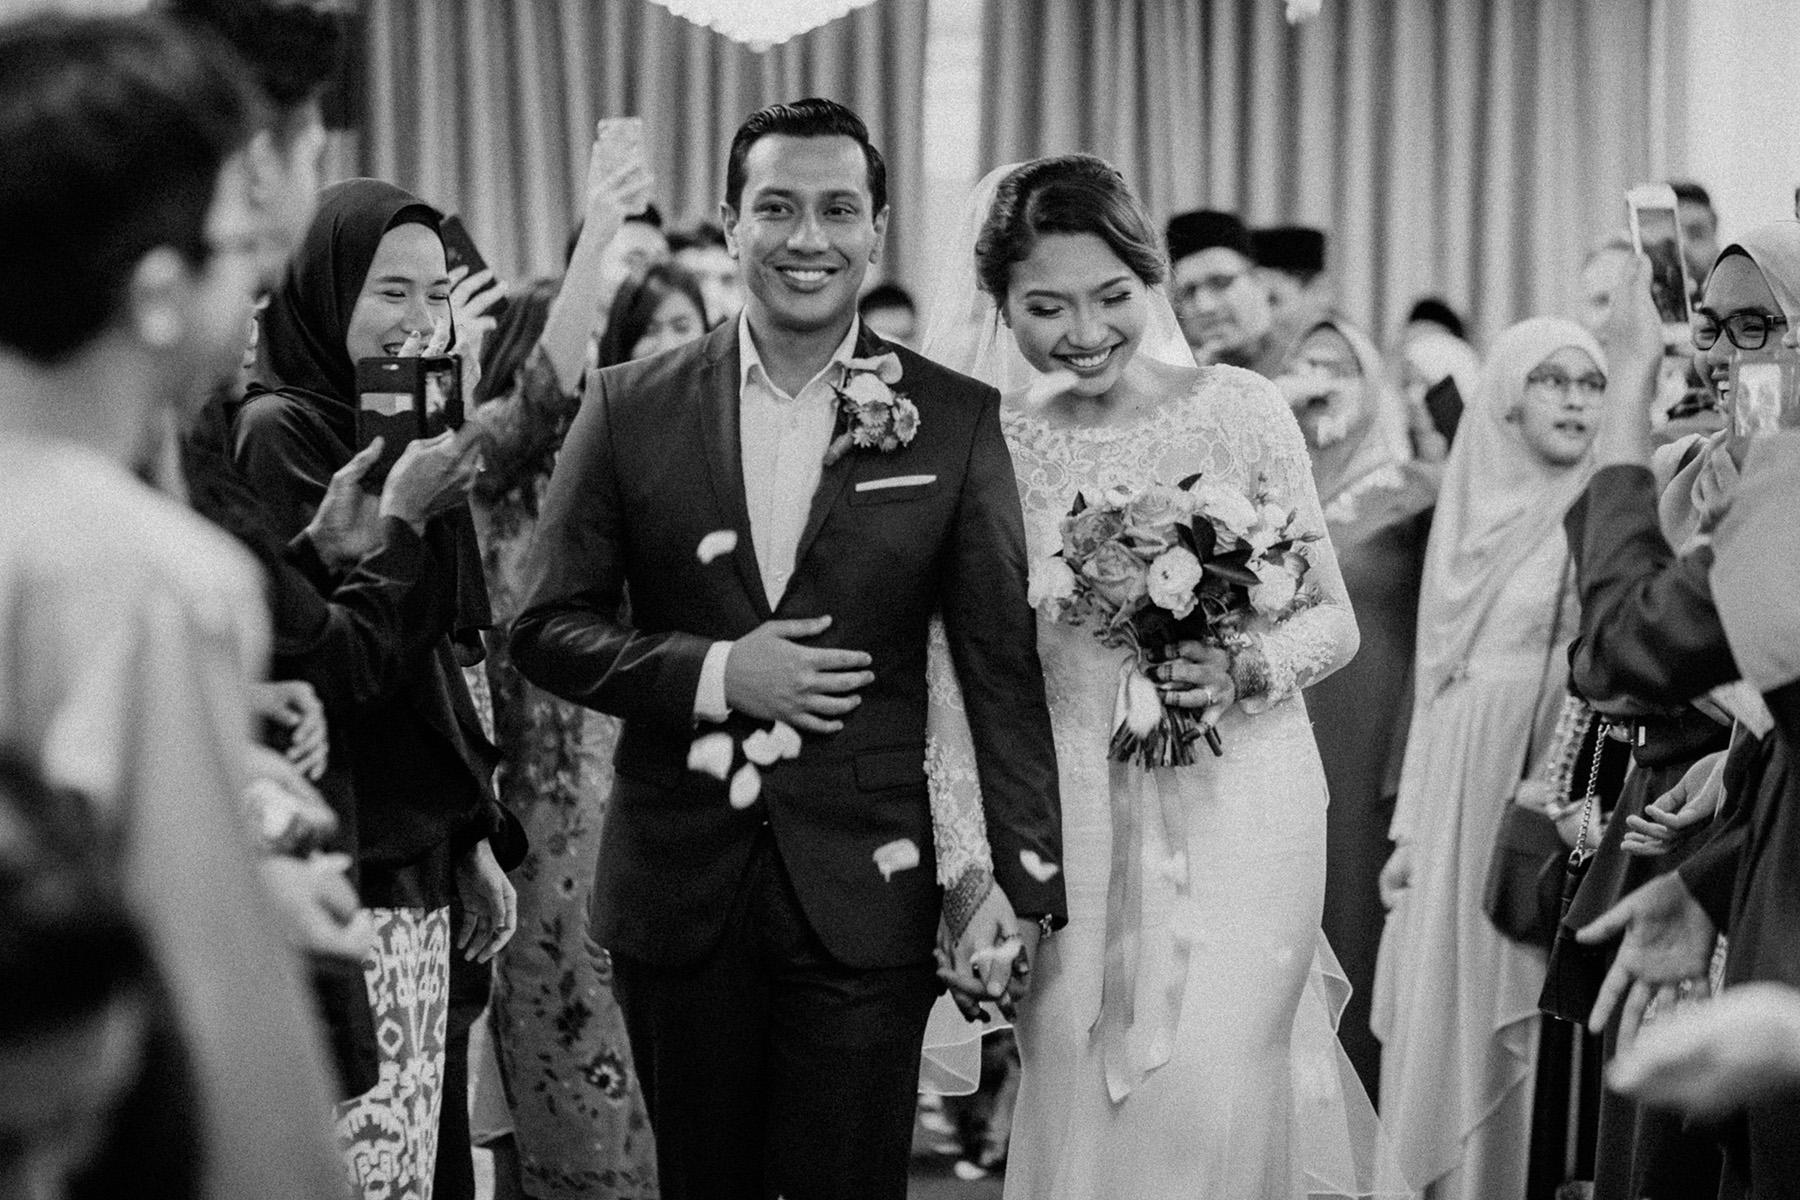 singapore-wedding-photographer-wemadethese-bw-037.jpg